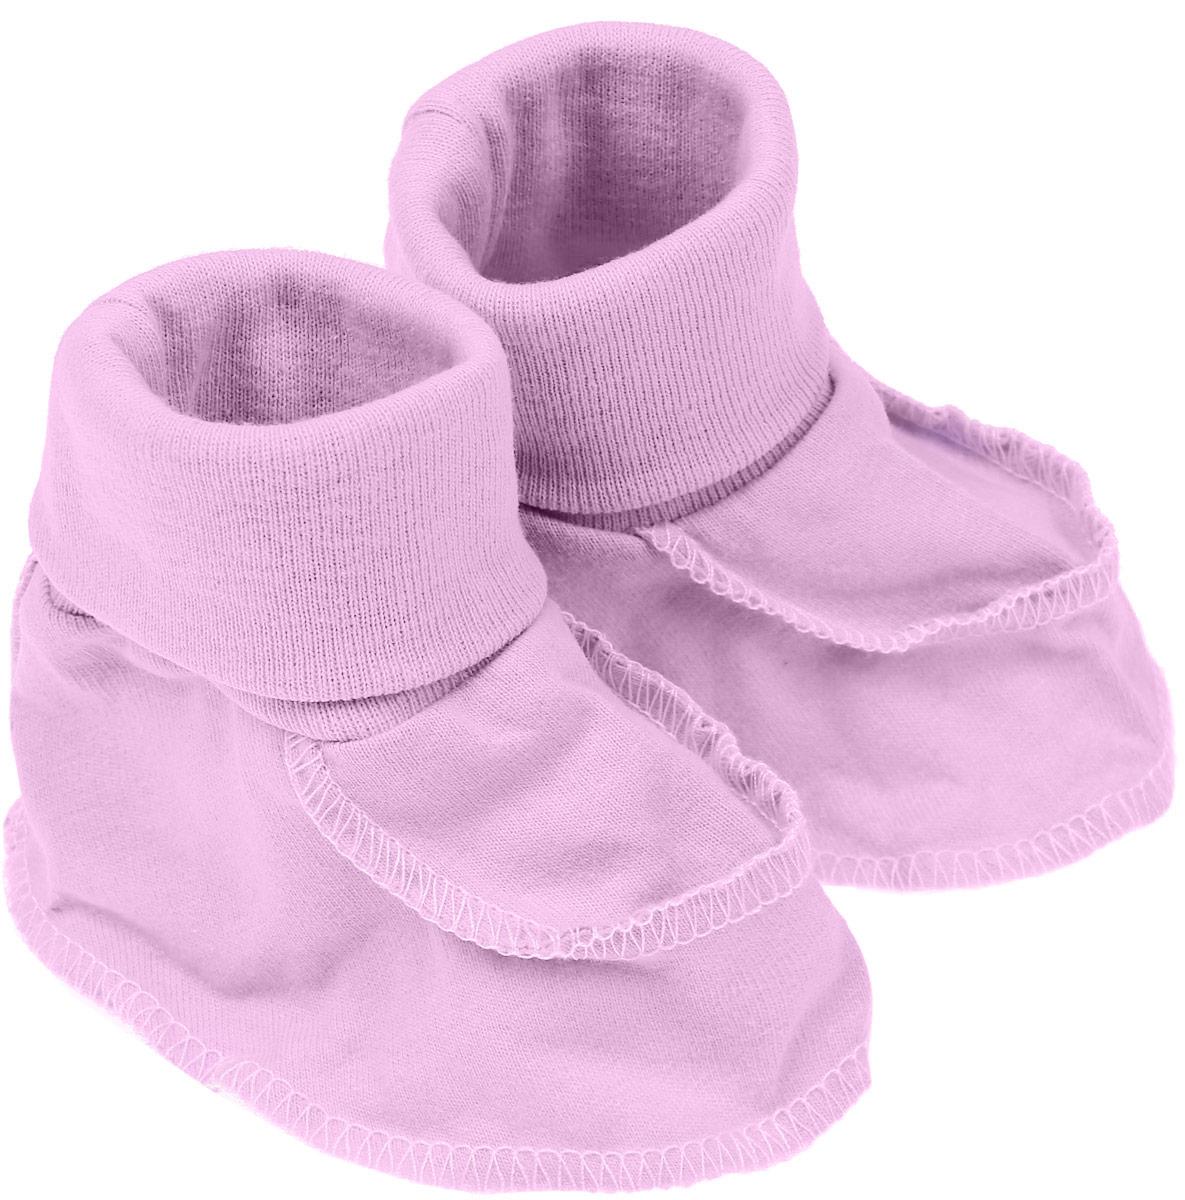 Пинетки Чудесные одежки, цвет: розовый. 5902. Размер 62